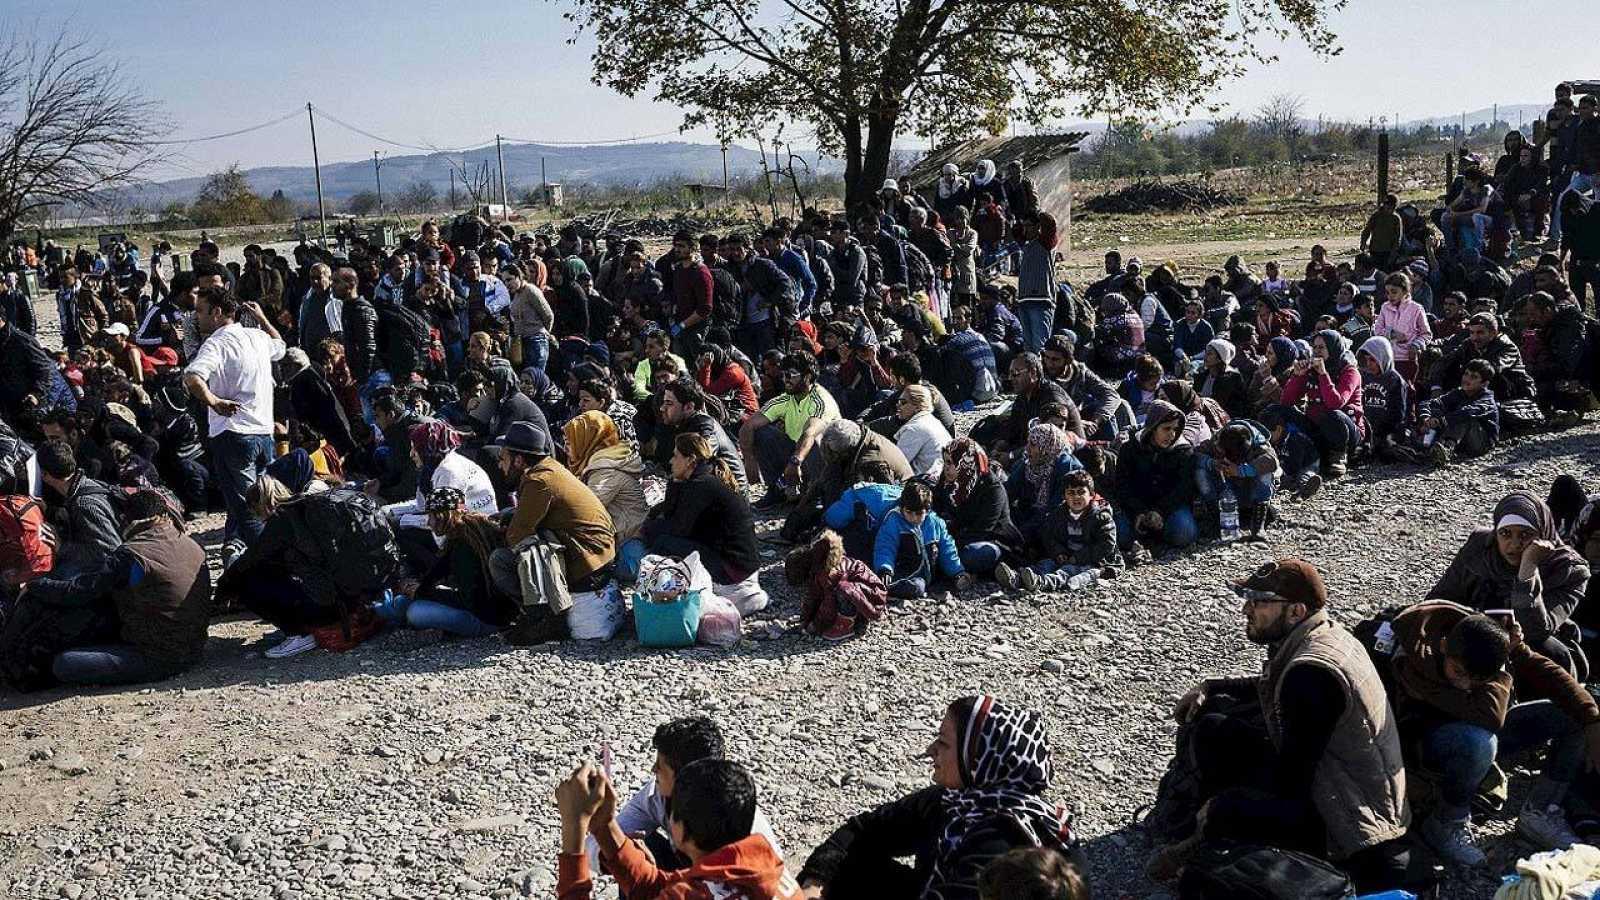 Migrantes y refugiados esperan entrar en un centro de identificación en Gevgelija, Macedonia, el 18 de noviembre de 2015. AFP PHOTO / DIMITAR DILKOFF